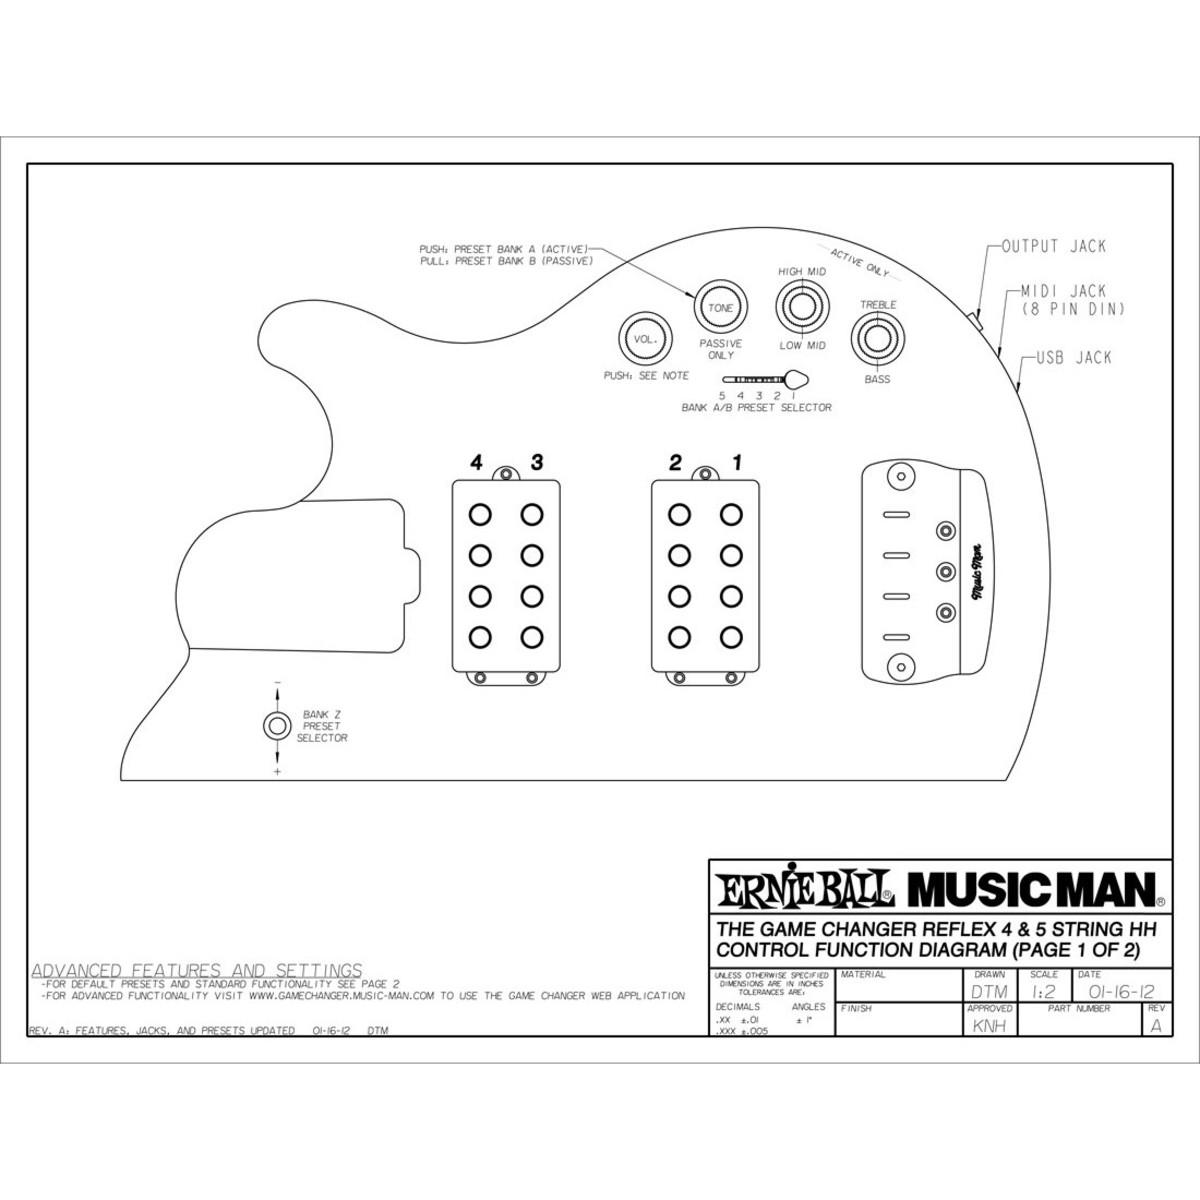 Music Man Reflex Game Changer HH Bass, MN, schwarz bei Gear4music